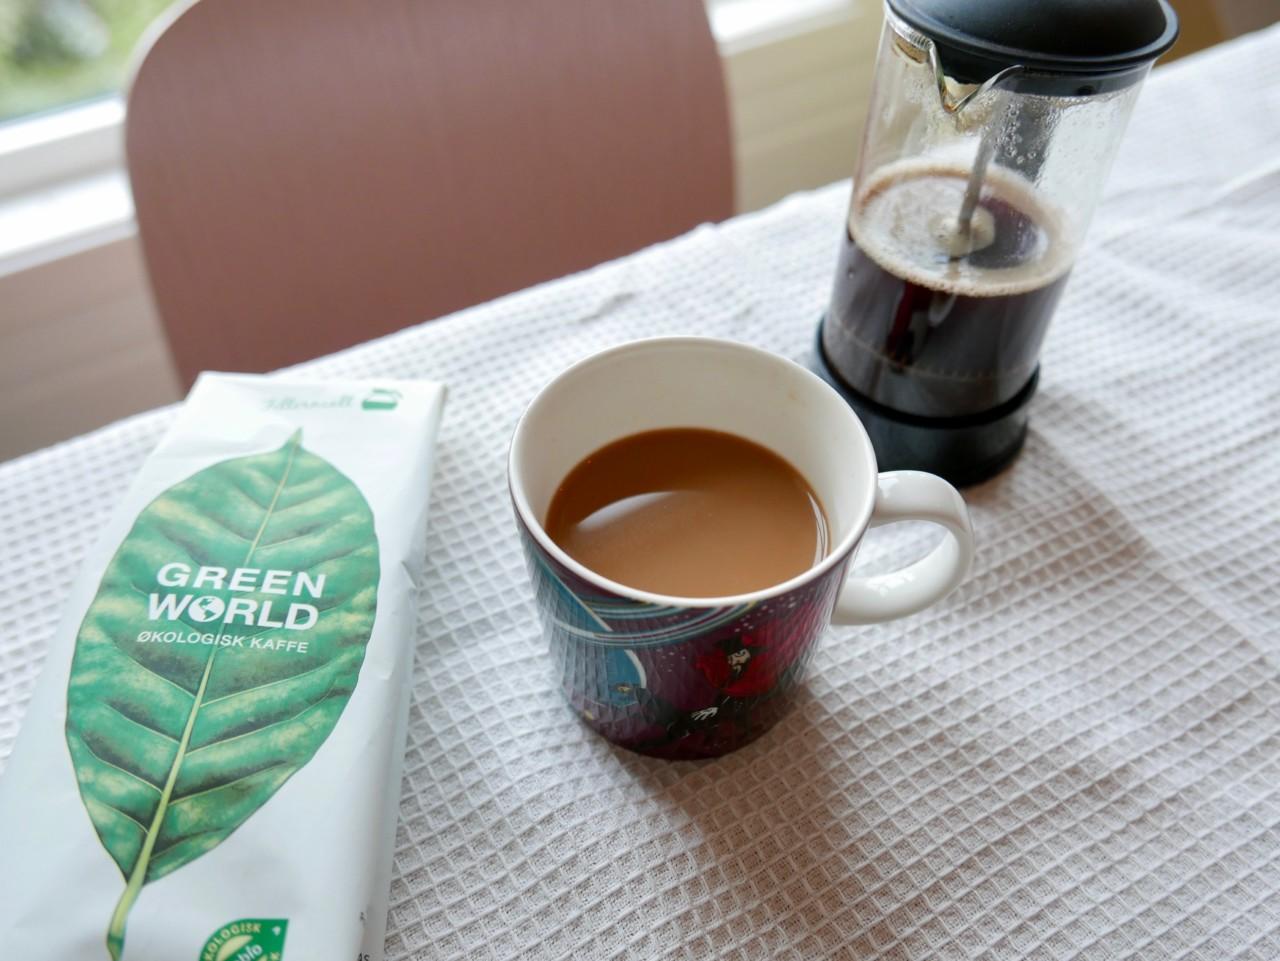 green-world-okologisk-kaffe-mummi-presskanne